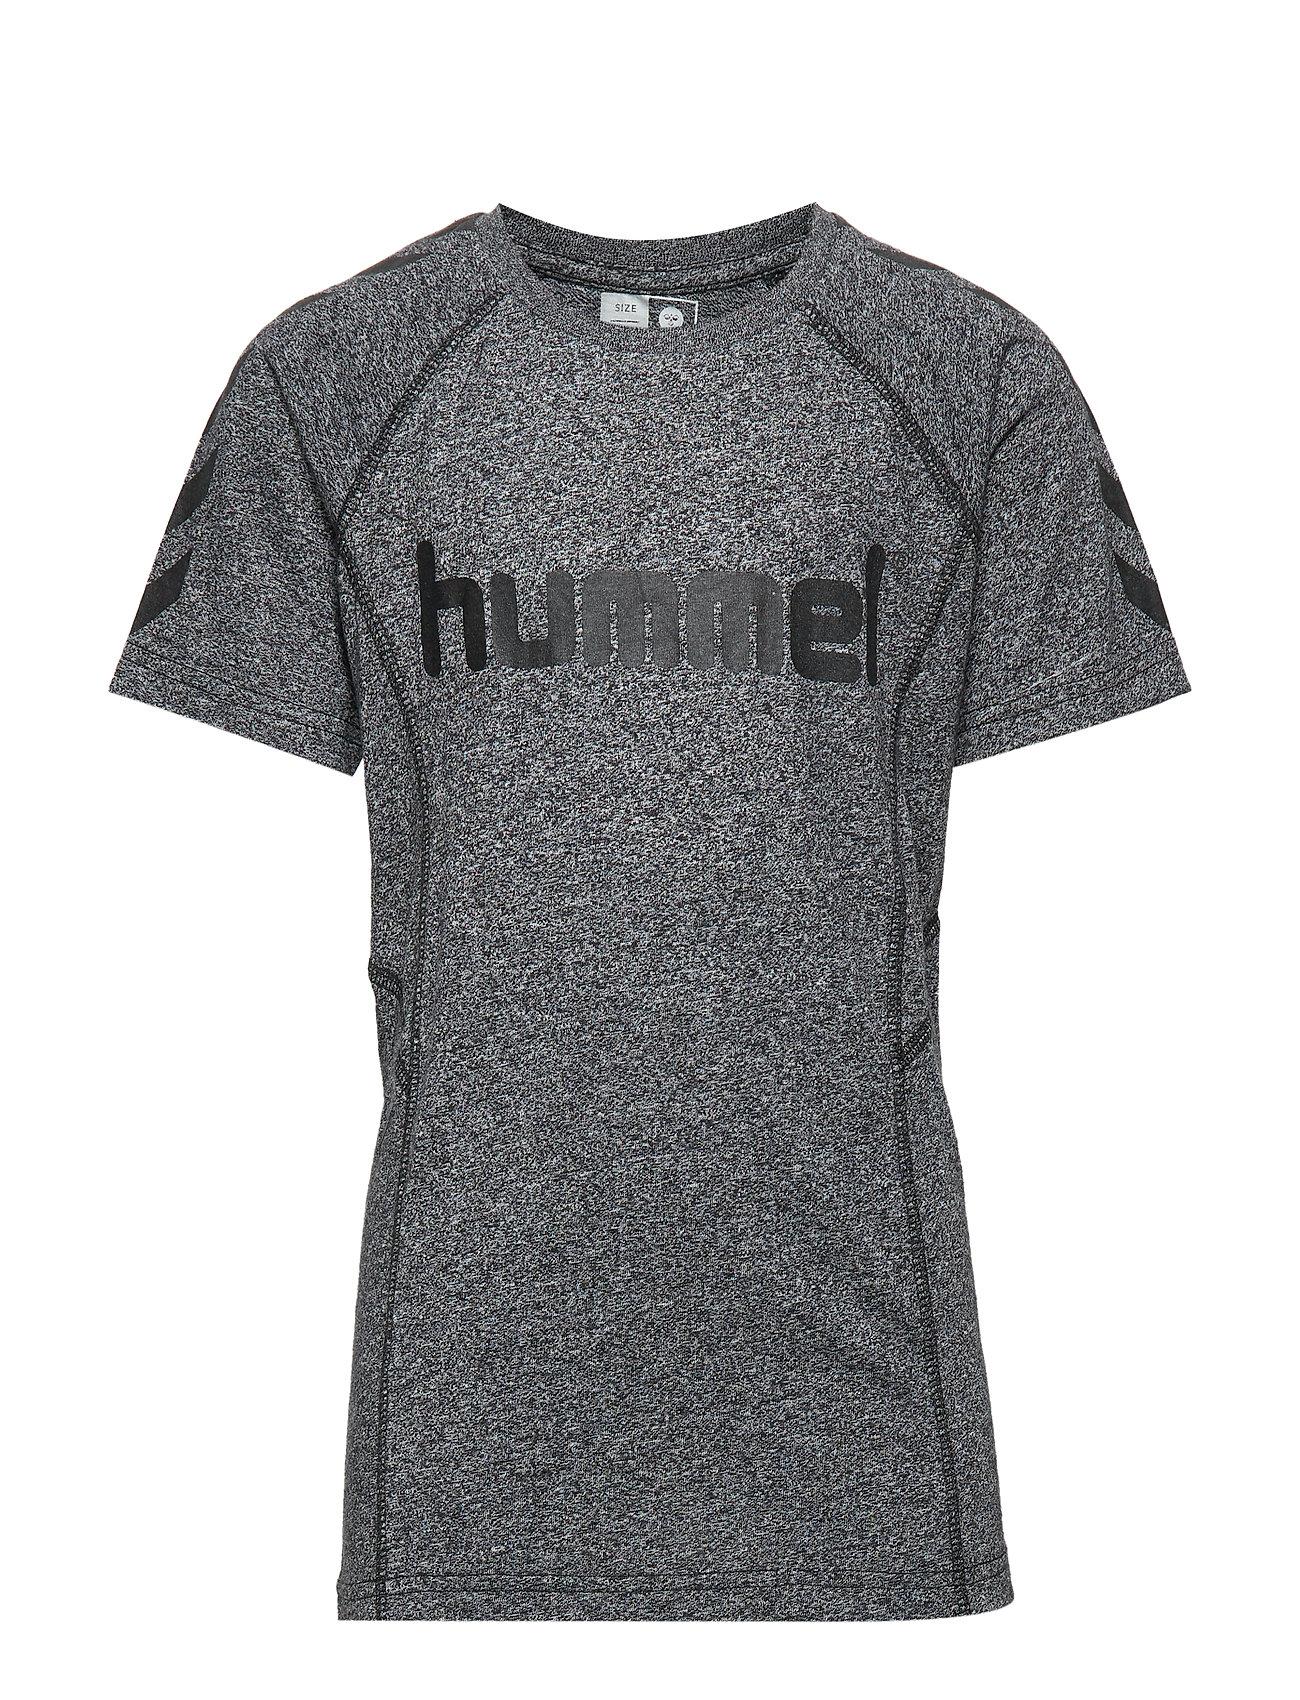 Hummel hmlPITTER T-SHIRT SS - BLACK